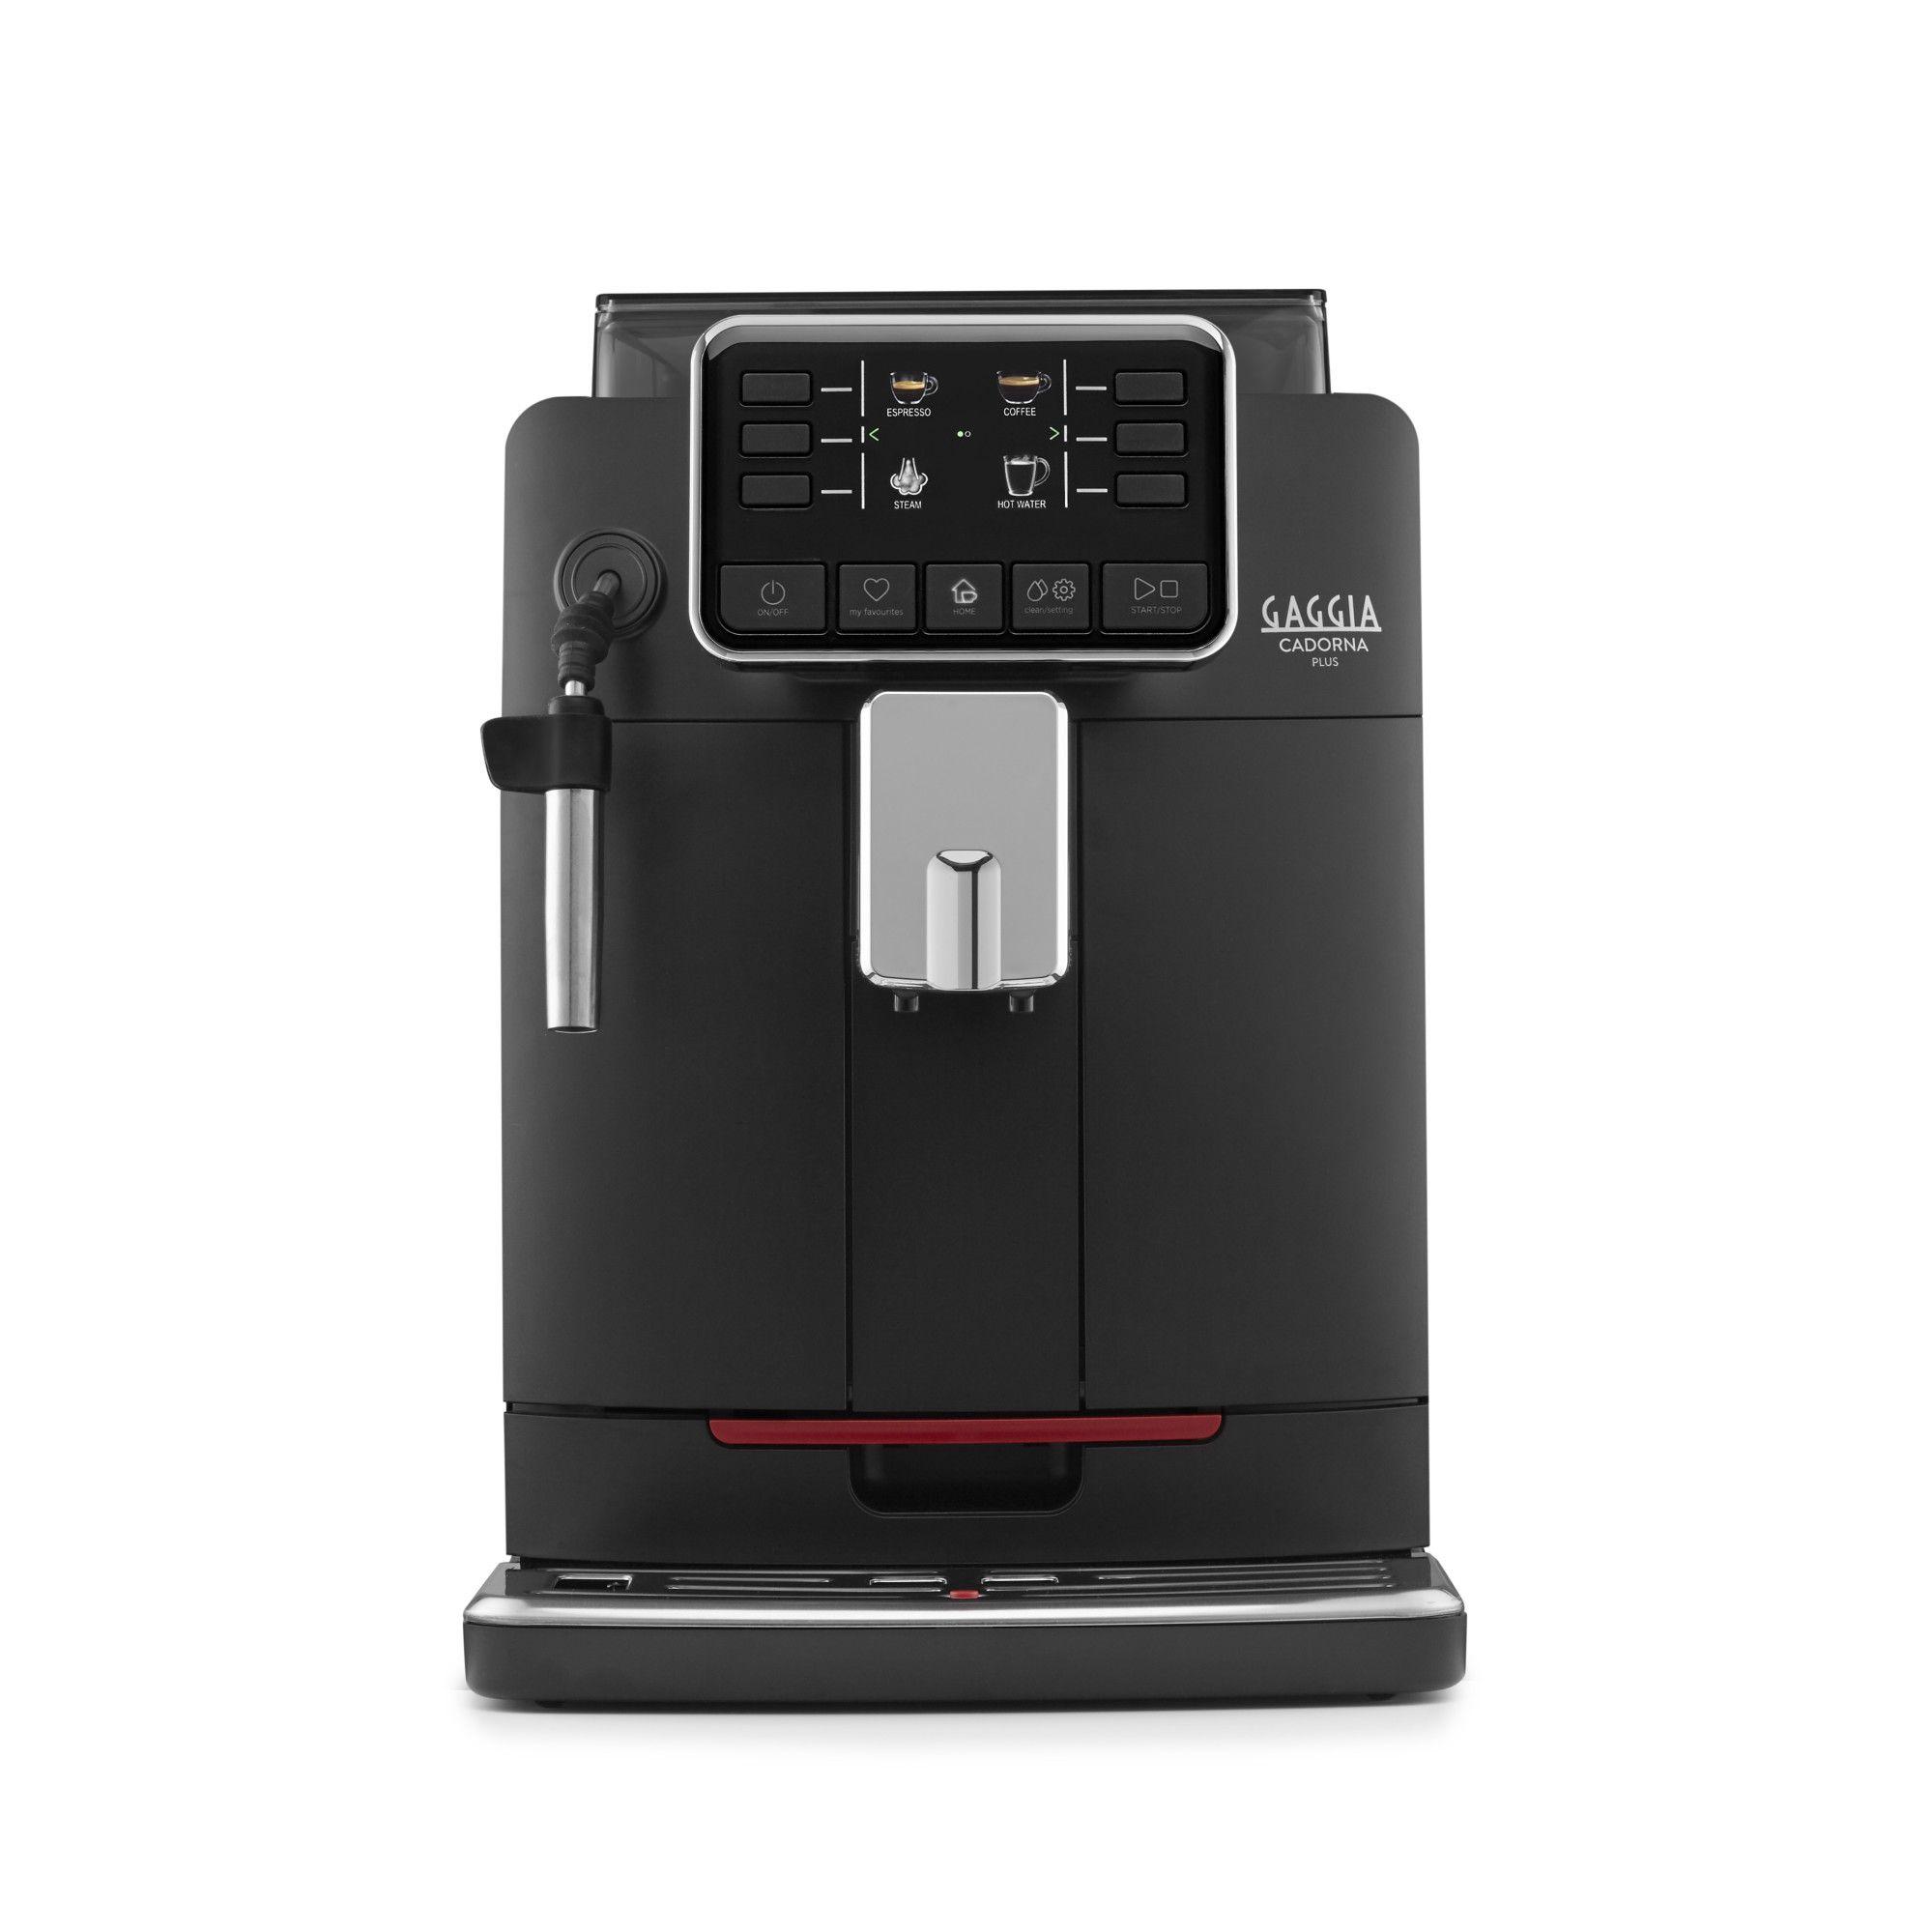 Espressor automat Gaggia Cadorna Plus, 15 bari, 1.5 l, 300g, contorizare, profile, pannarello inox, cafea cadou